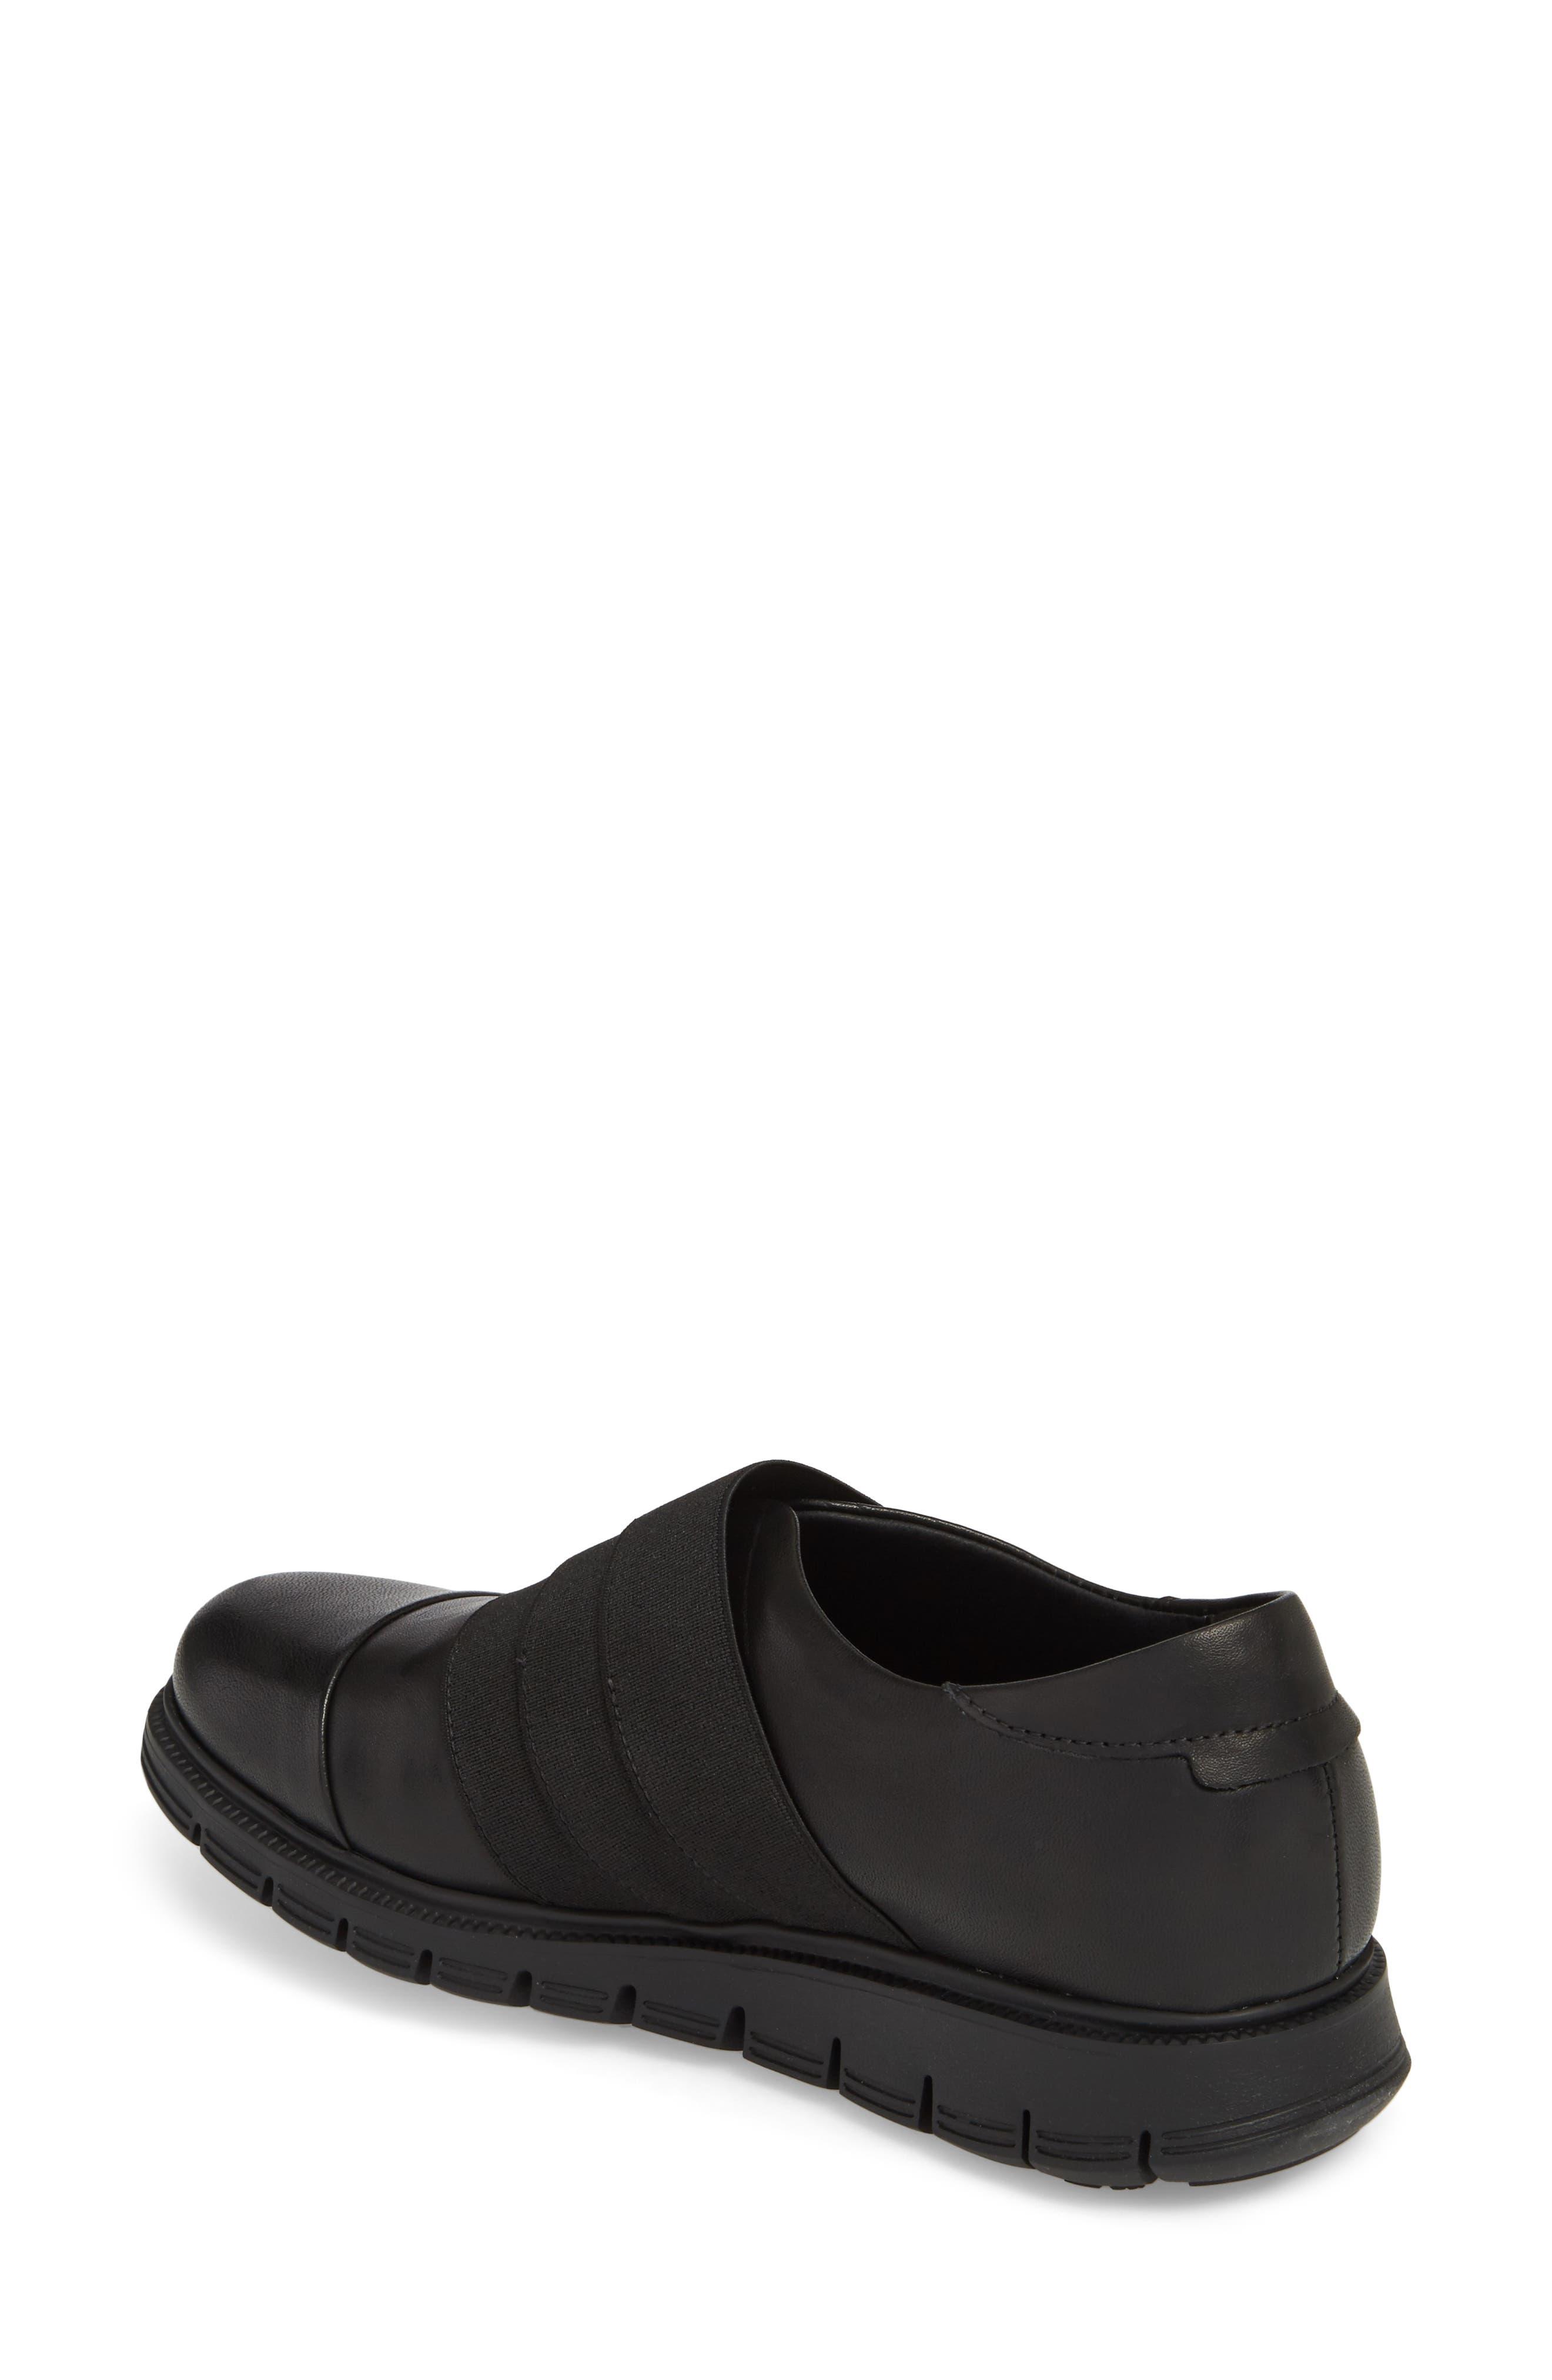 Grace Slip-On Sneaker,                             Alternate thumbnail 2, color,                             001